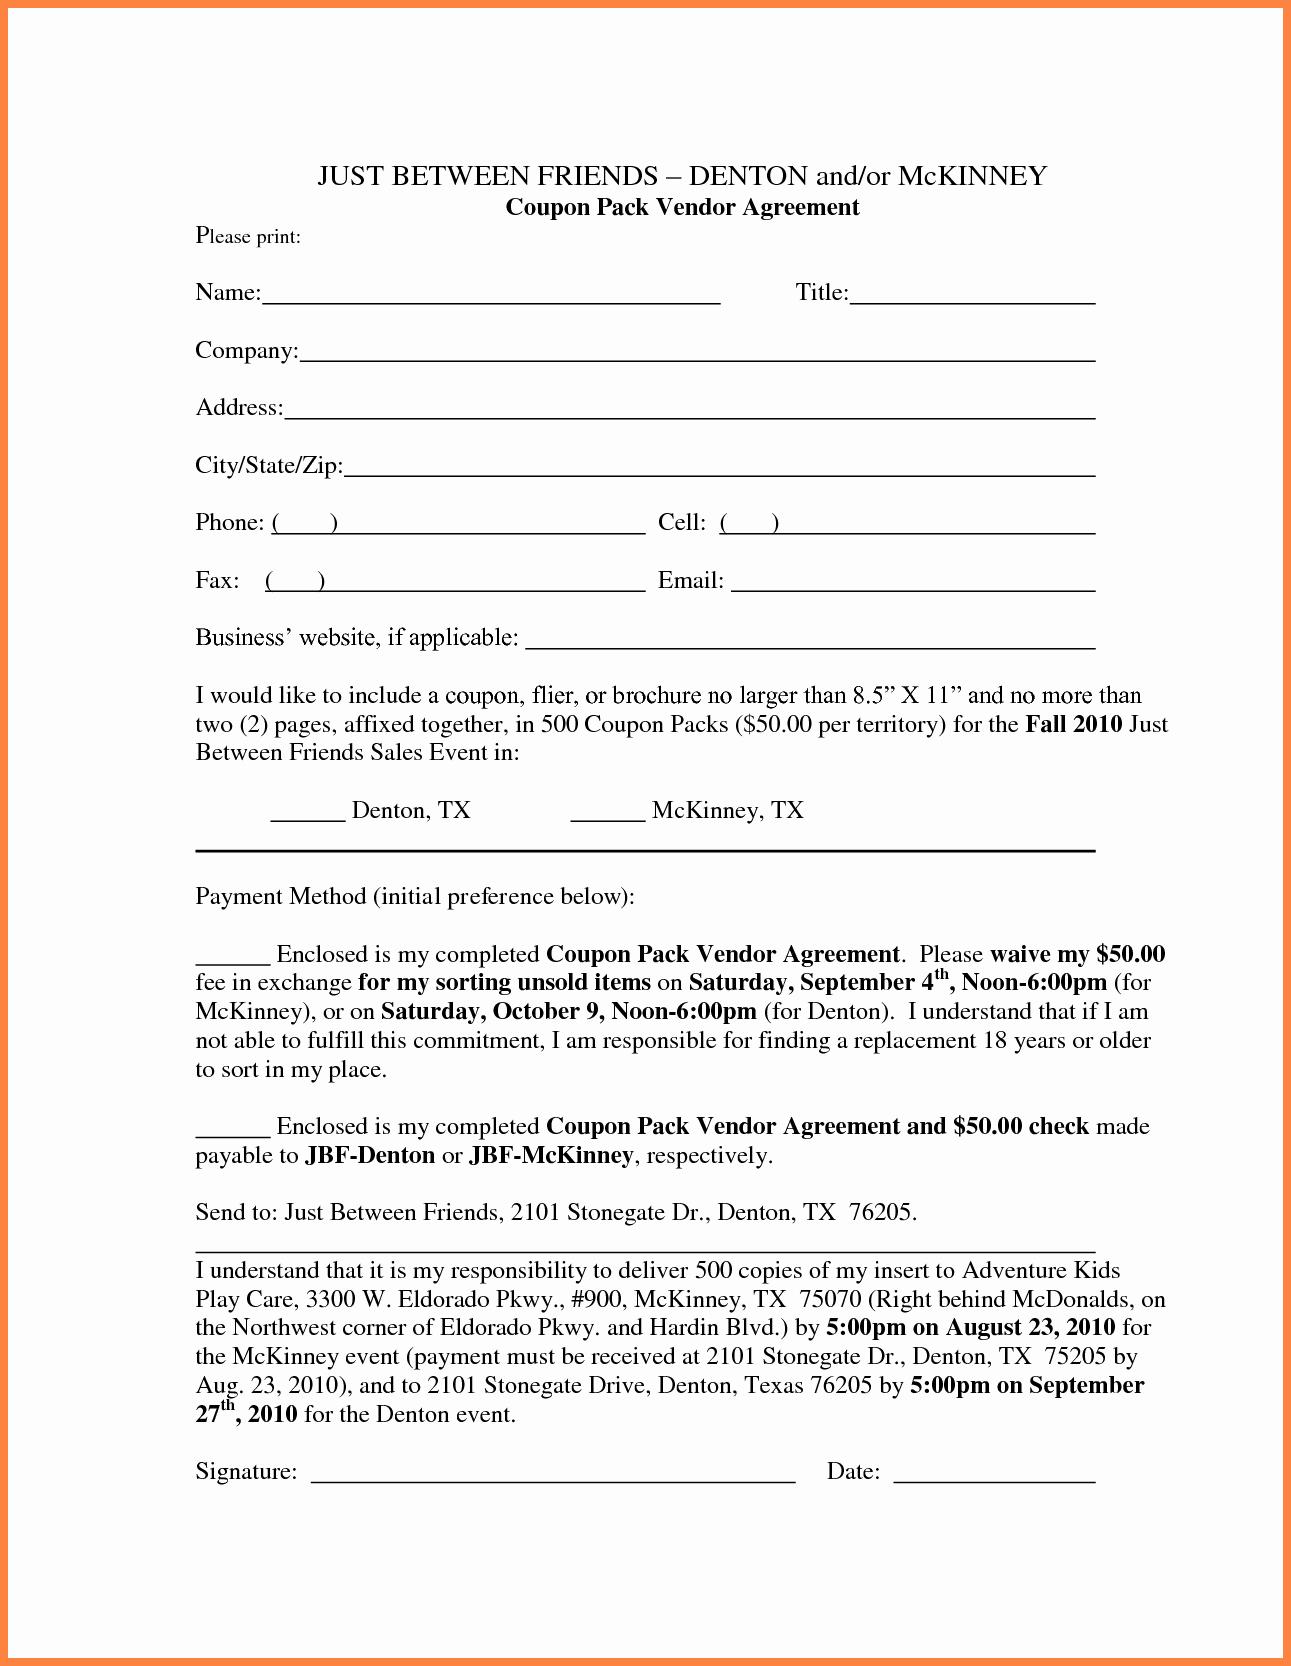 Loan Agreement Between Friends Template Inspirational 8 Loan Agreement Template Between Family Members